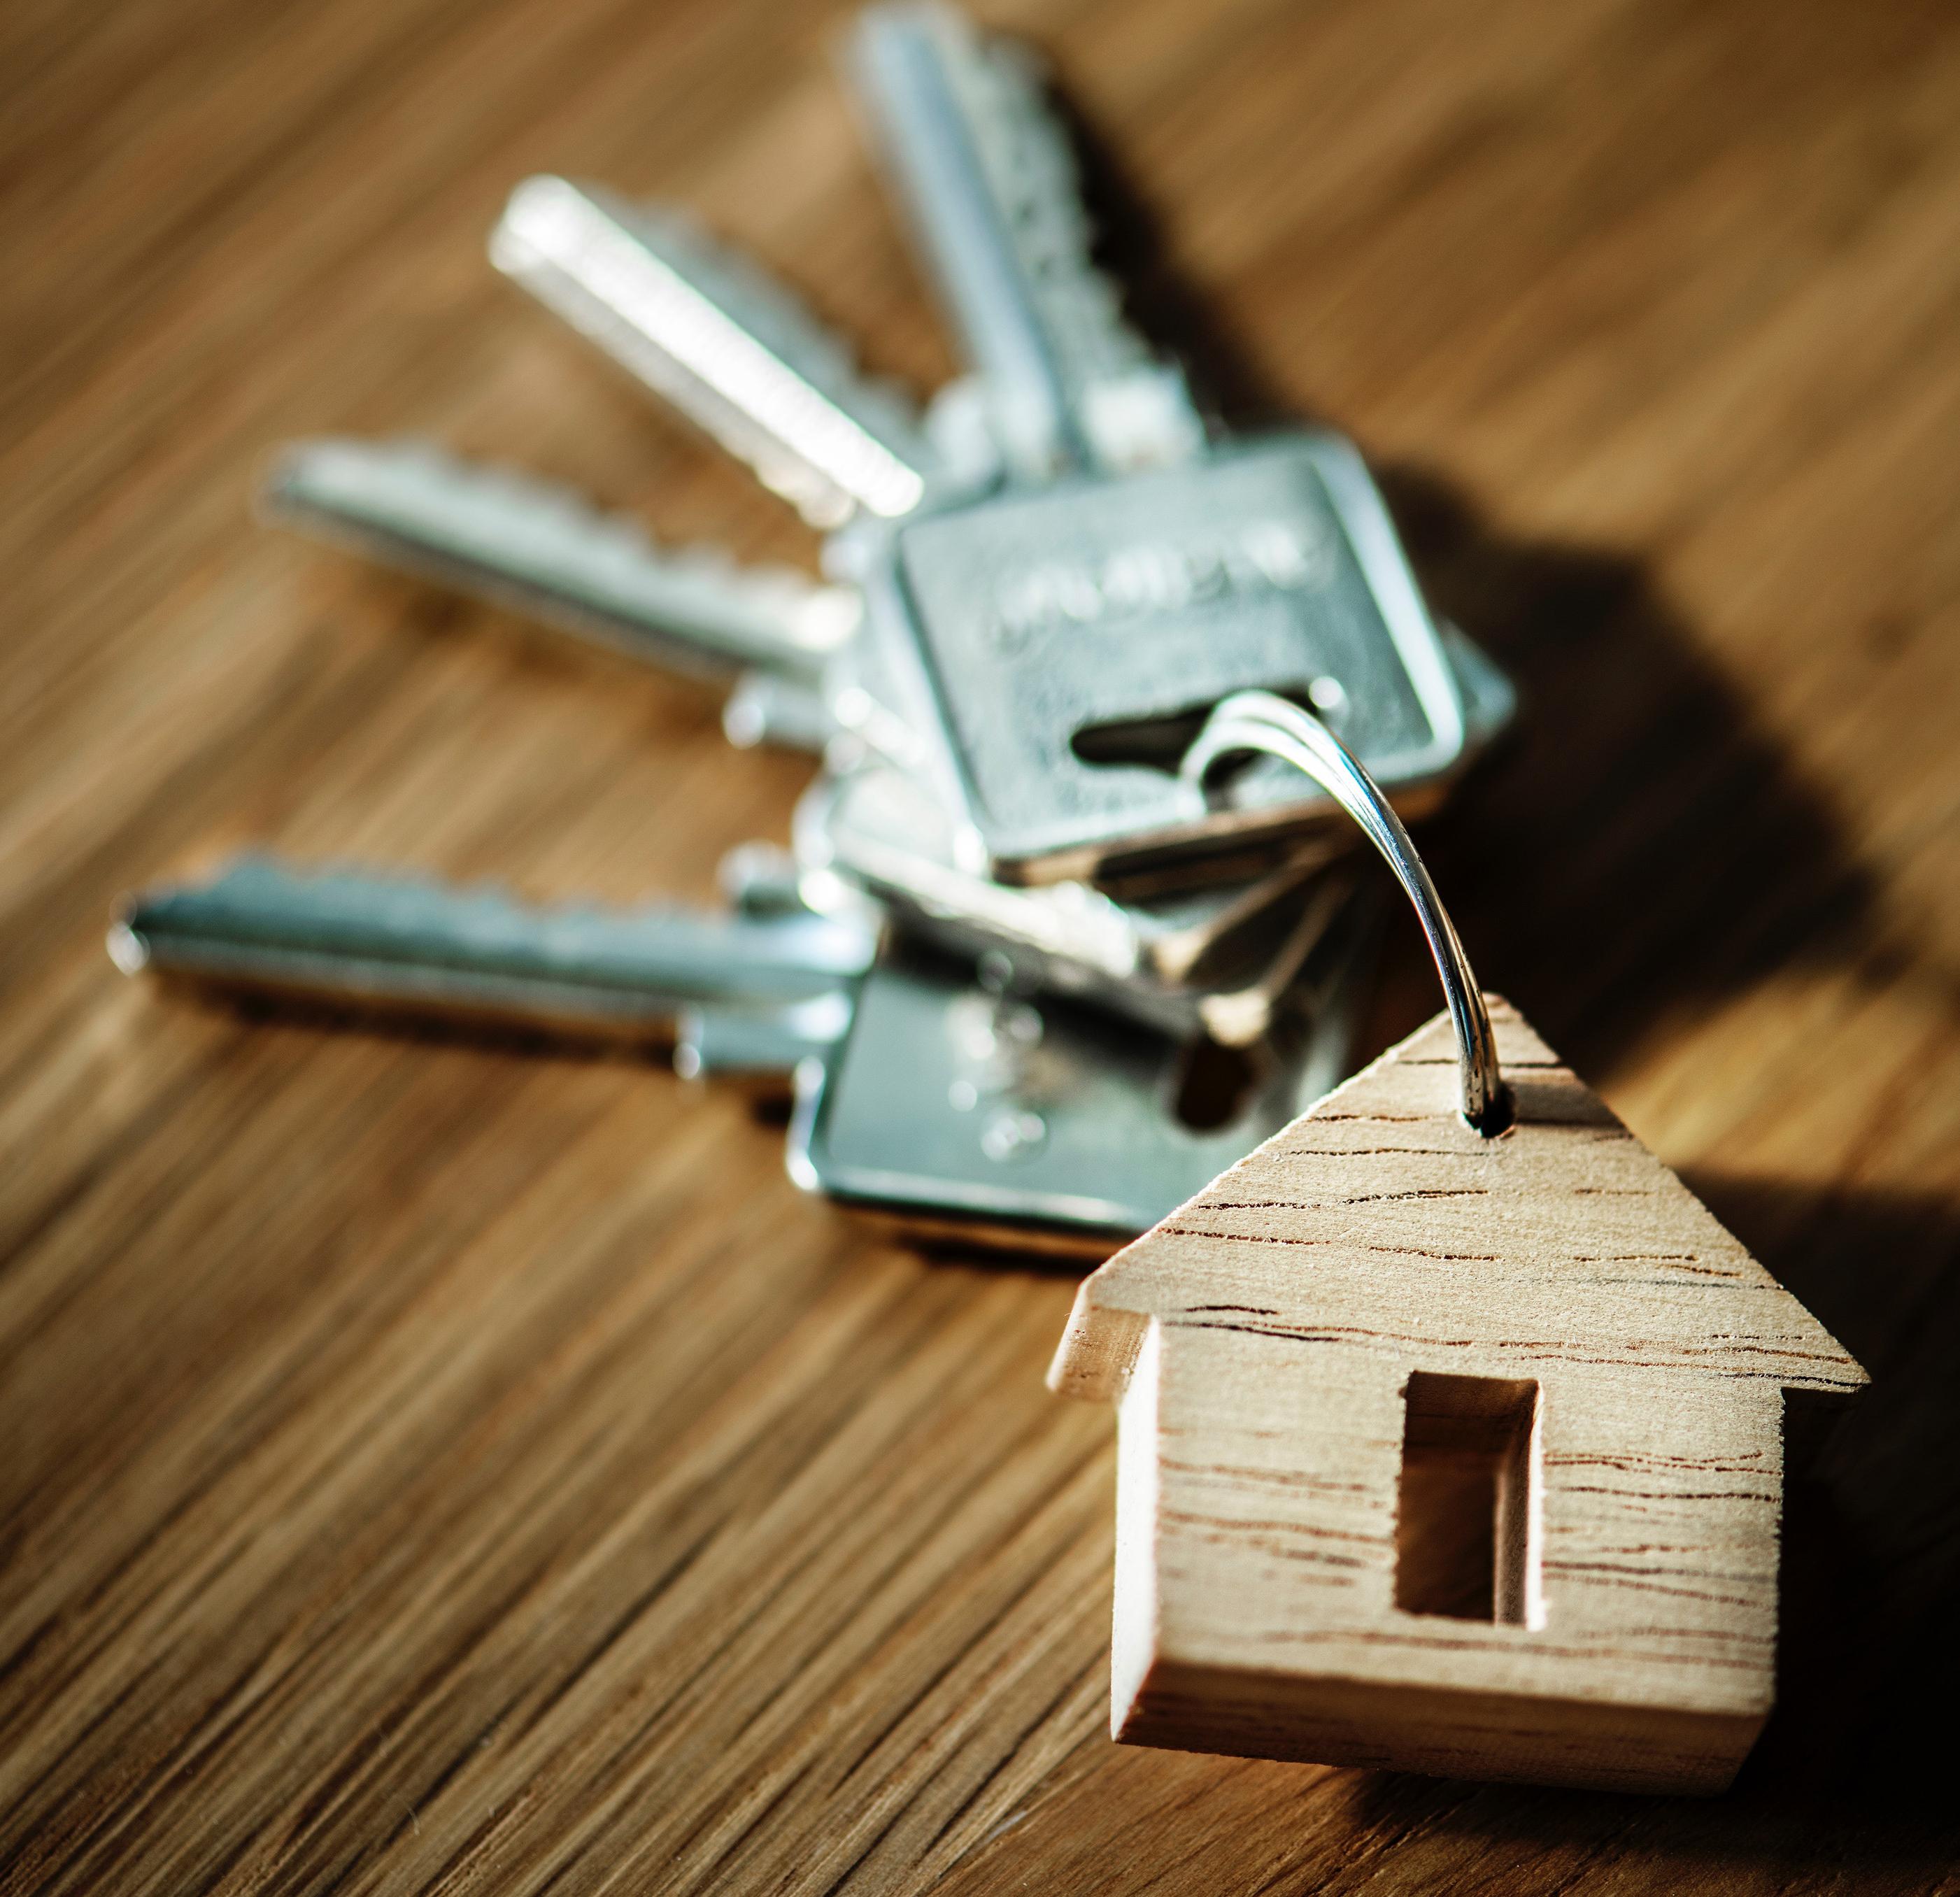 hipoteca El Banco de España publica el procedimiento para acreditar los conocimientos de prestamistas e intermediarios de crédito inmobiliario